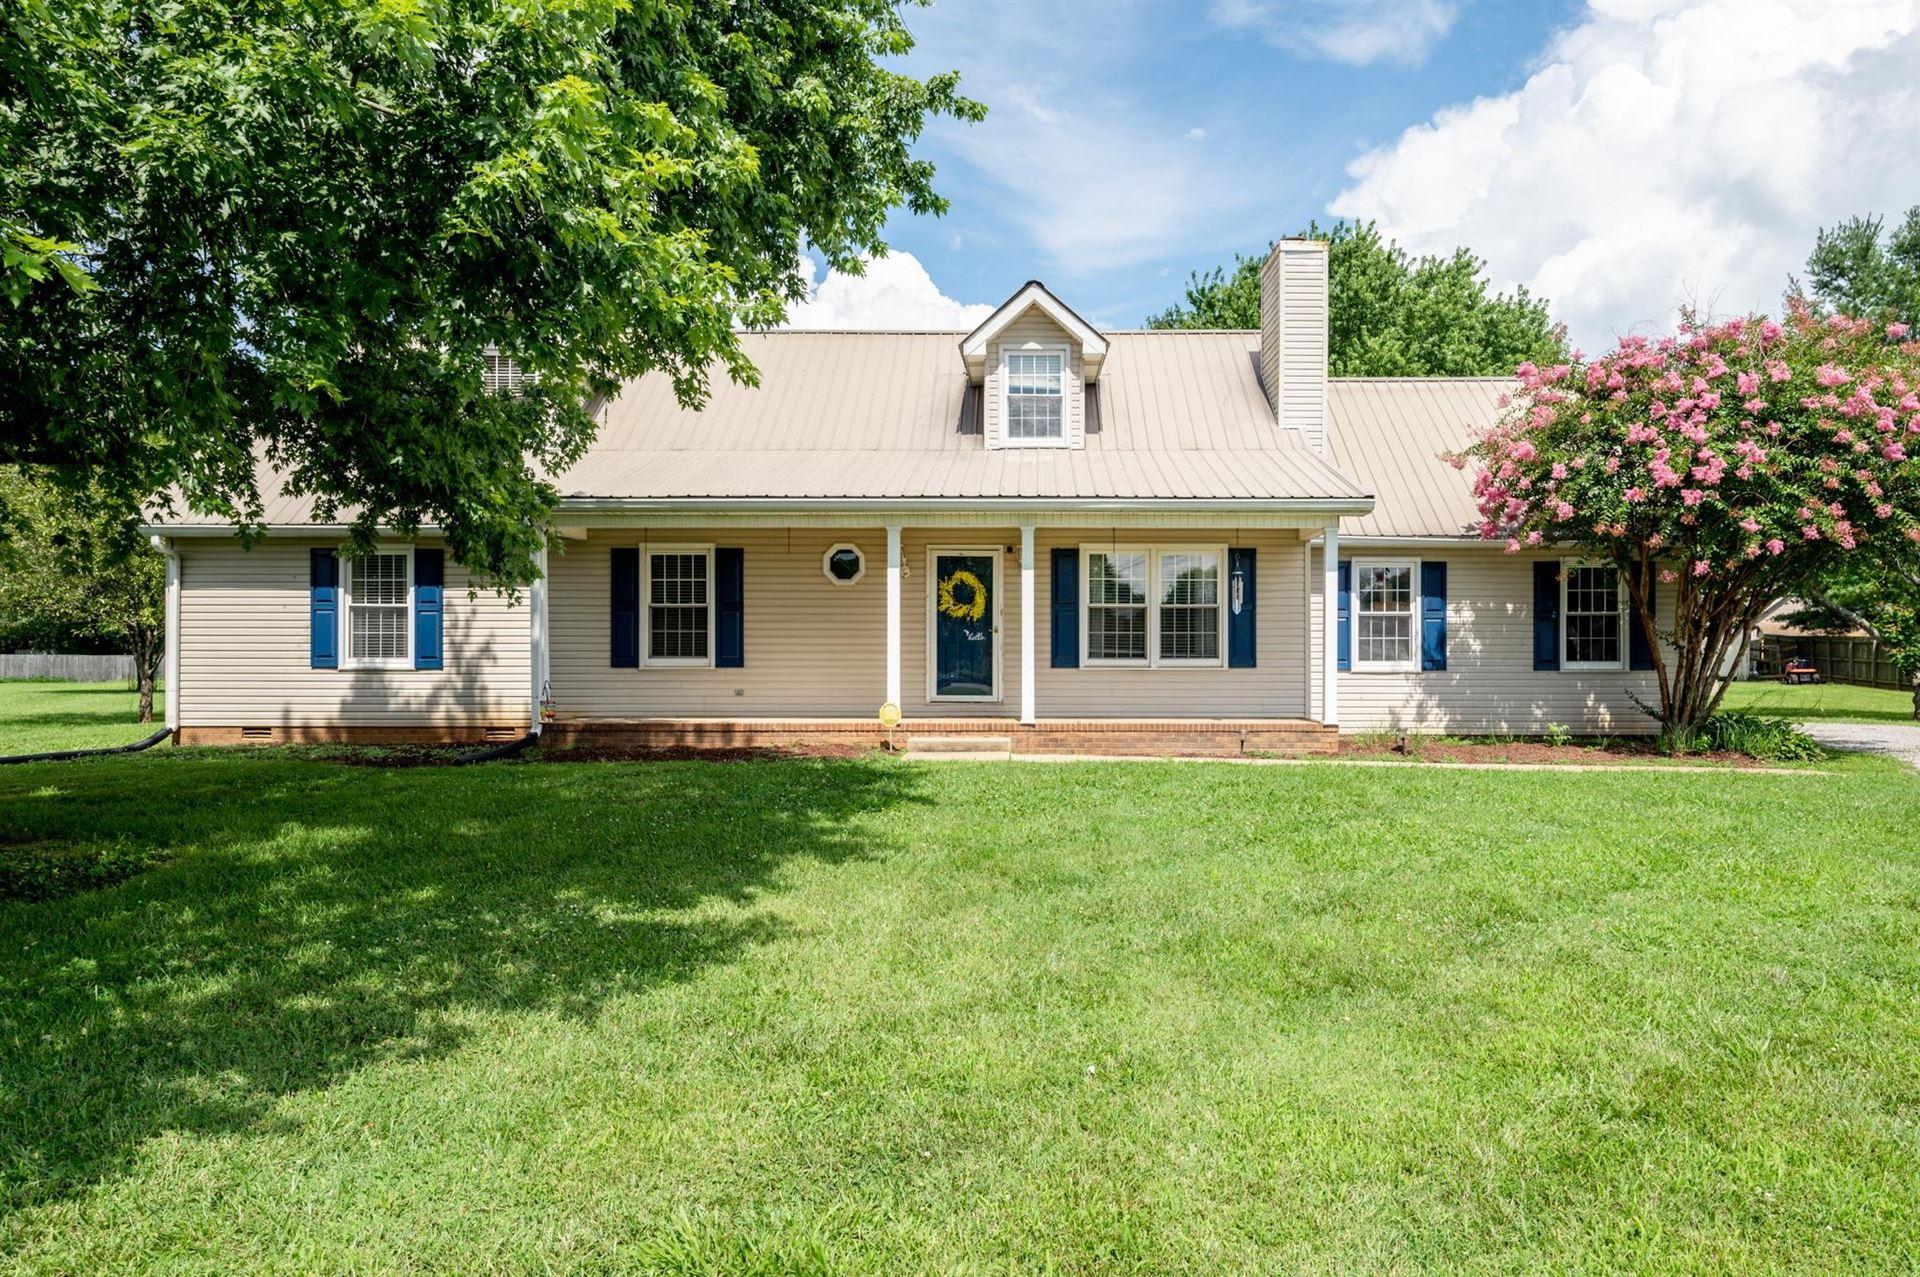 1308 Wilton Ct, Murfreesboro, TN 37129 - MLS#: 2276312